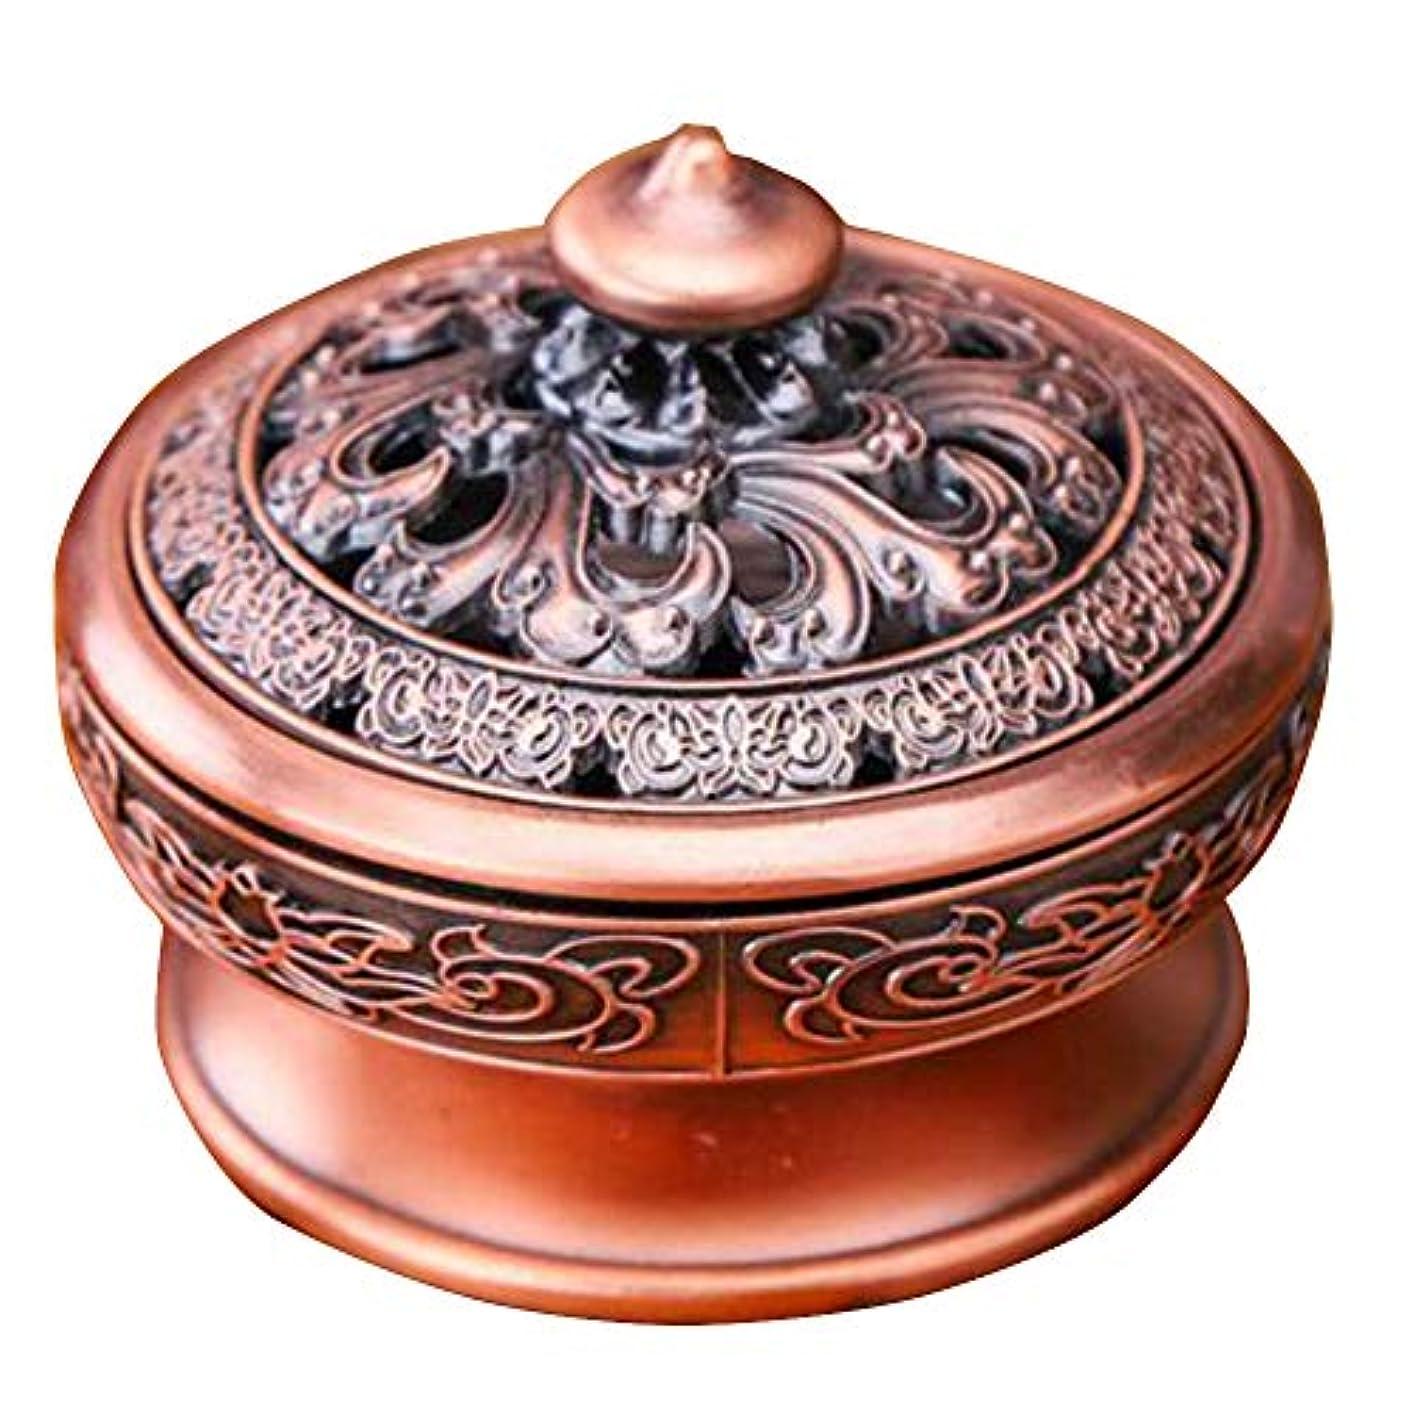 バイアスラウズ独立した(イスイ)YISHUI 香炉 お香 アロマ 銅製 丸香炉 お線香立て お香立て 香皿 アンティークモダン風 蓋 スティック 直径7.1cm HP0232 (赤色)